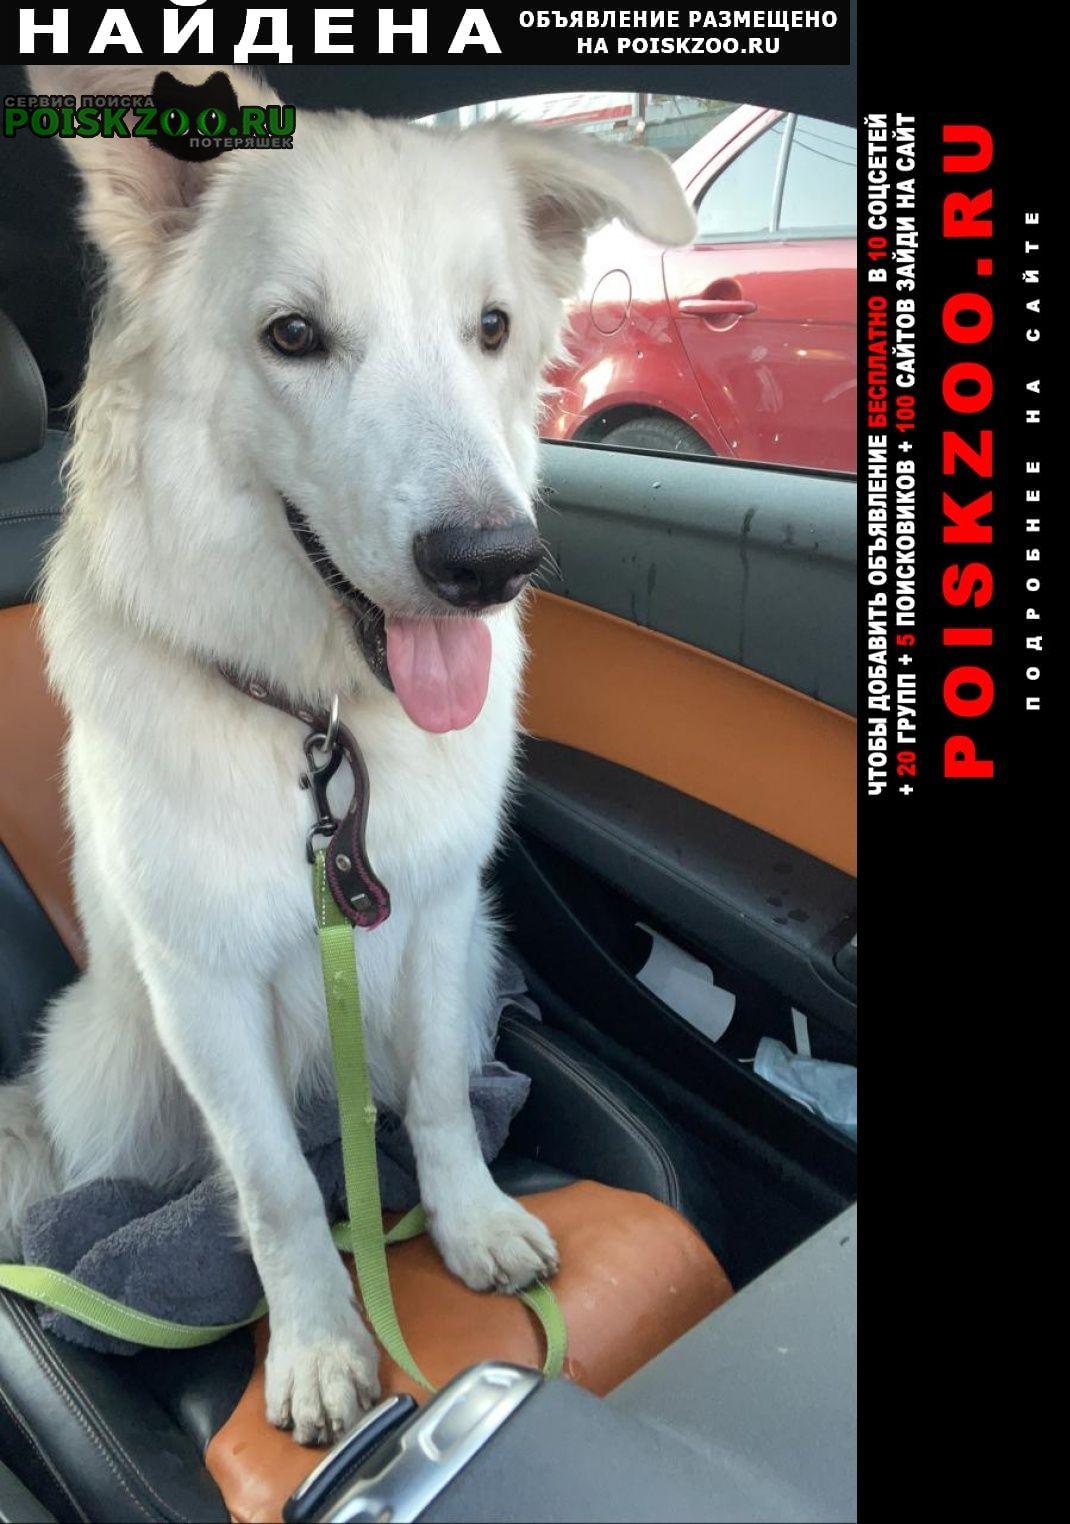 Найдена собака.г Москва